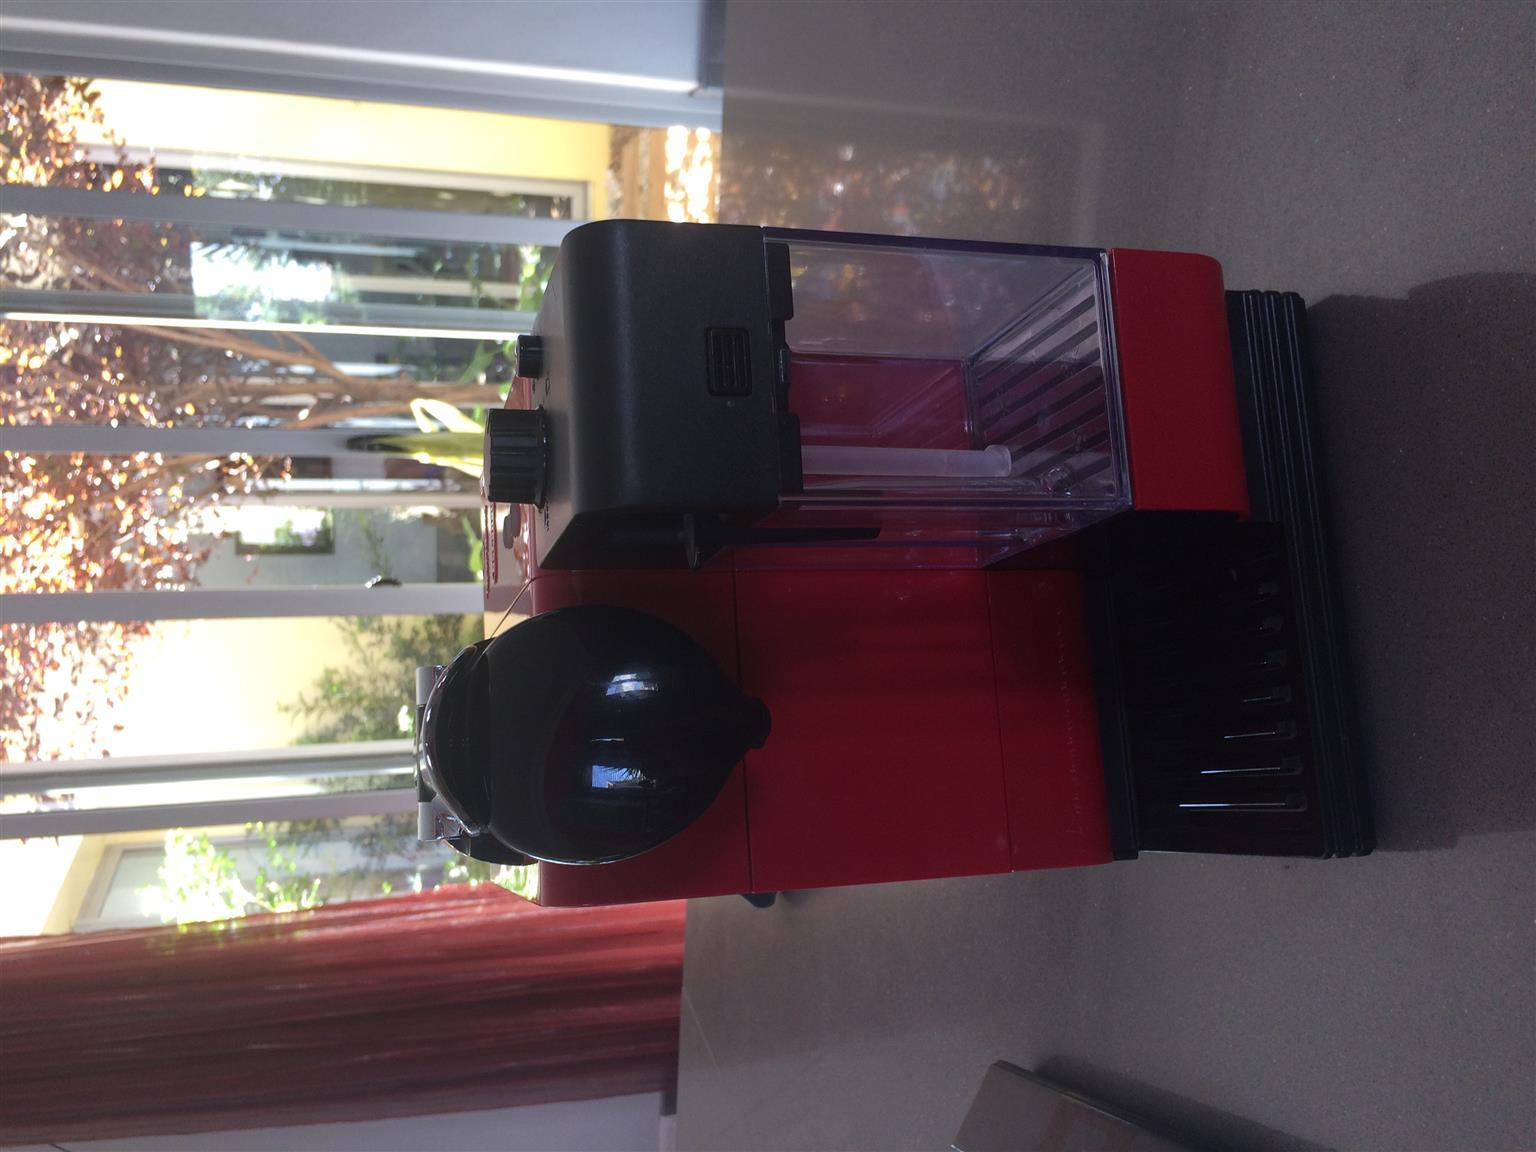 Nespresso Delonghi Machine